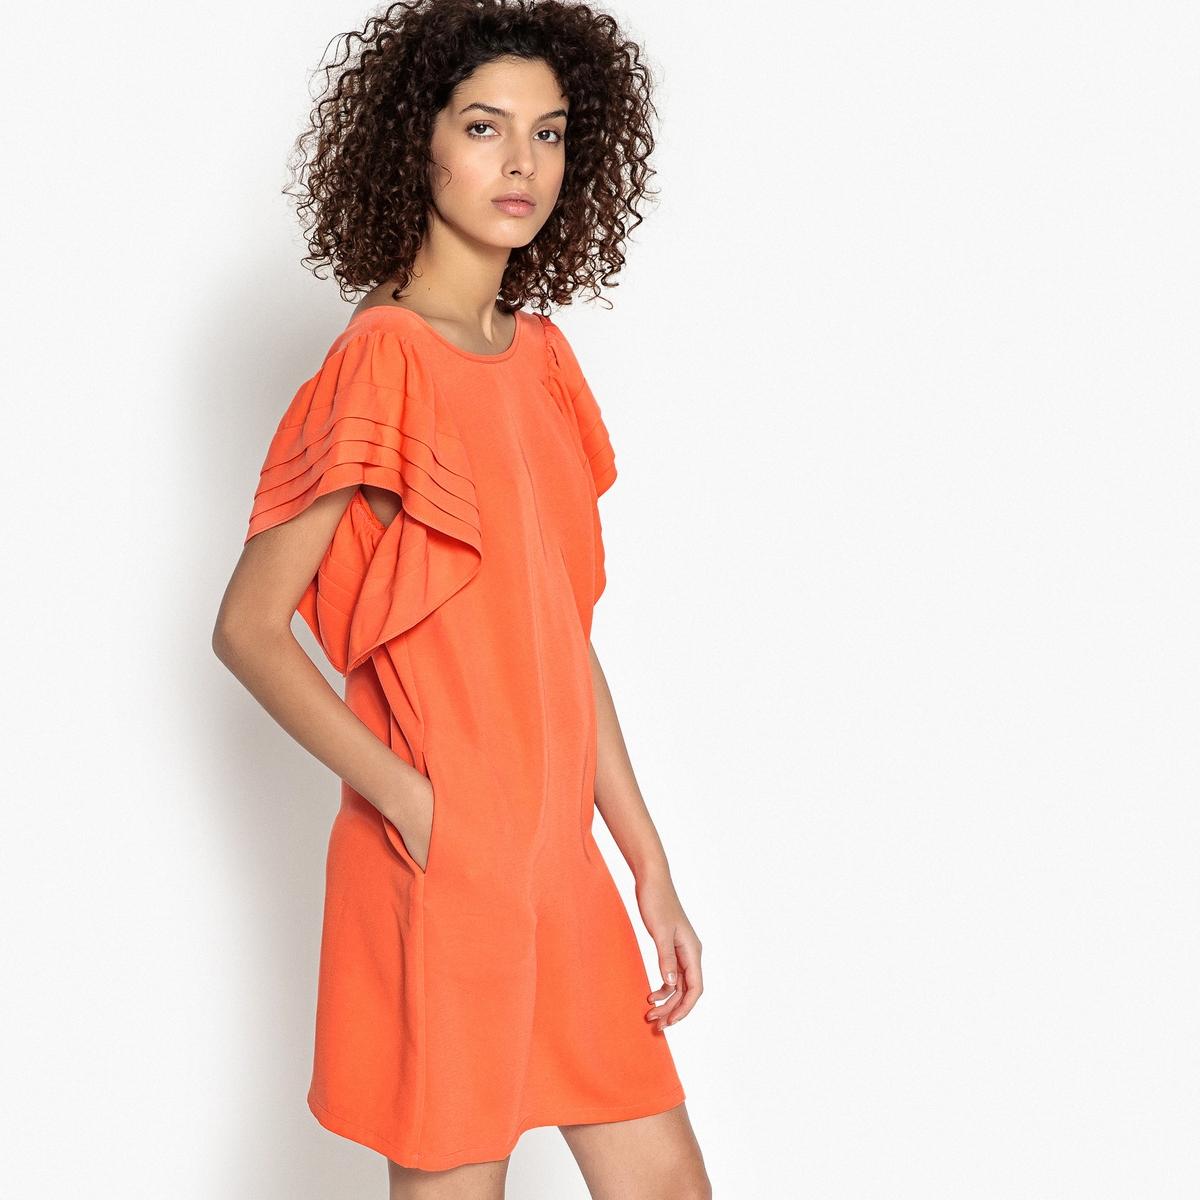 Платье короткое прямое однотонное с короткими рукавамиОписание:Детали •  Форма : прямая •  Укороченная модель •  Короткие рукава    •  Круглый вырезСостав и уход •  5% эластана, 95% полиэстера  •  Следуйте рекомендациям по уходу, указанным на этикетке изделия<br><br>Цвет: оранжевый,черный